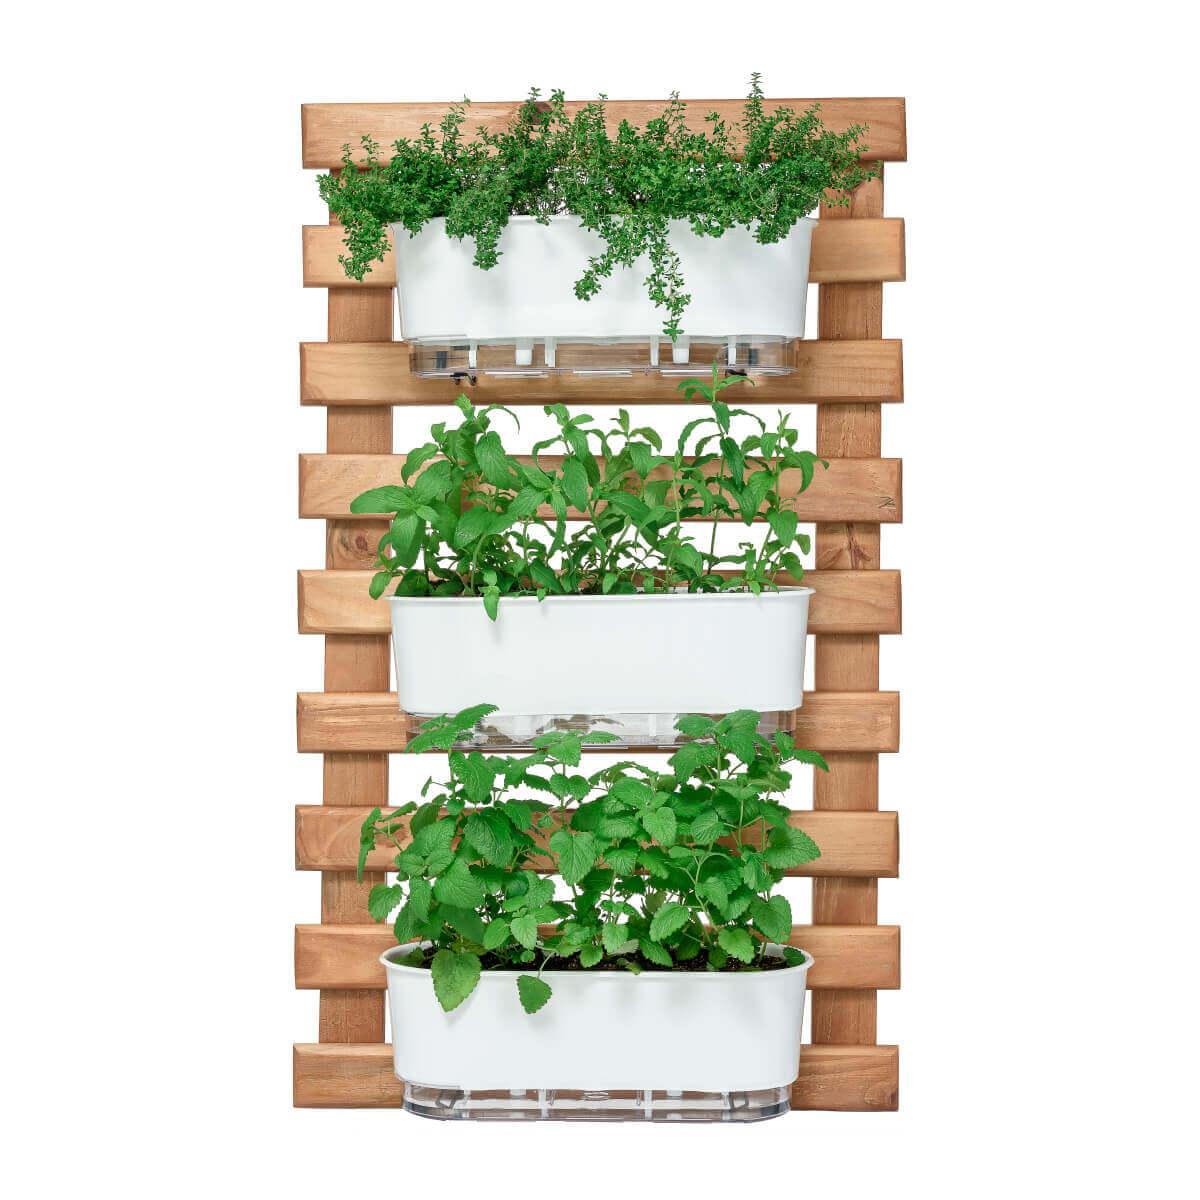 Horta Vertical Caramelo 60cm x 100cm com  3 Jardineiras  - Loja Raiz